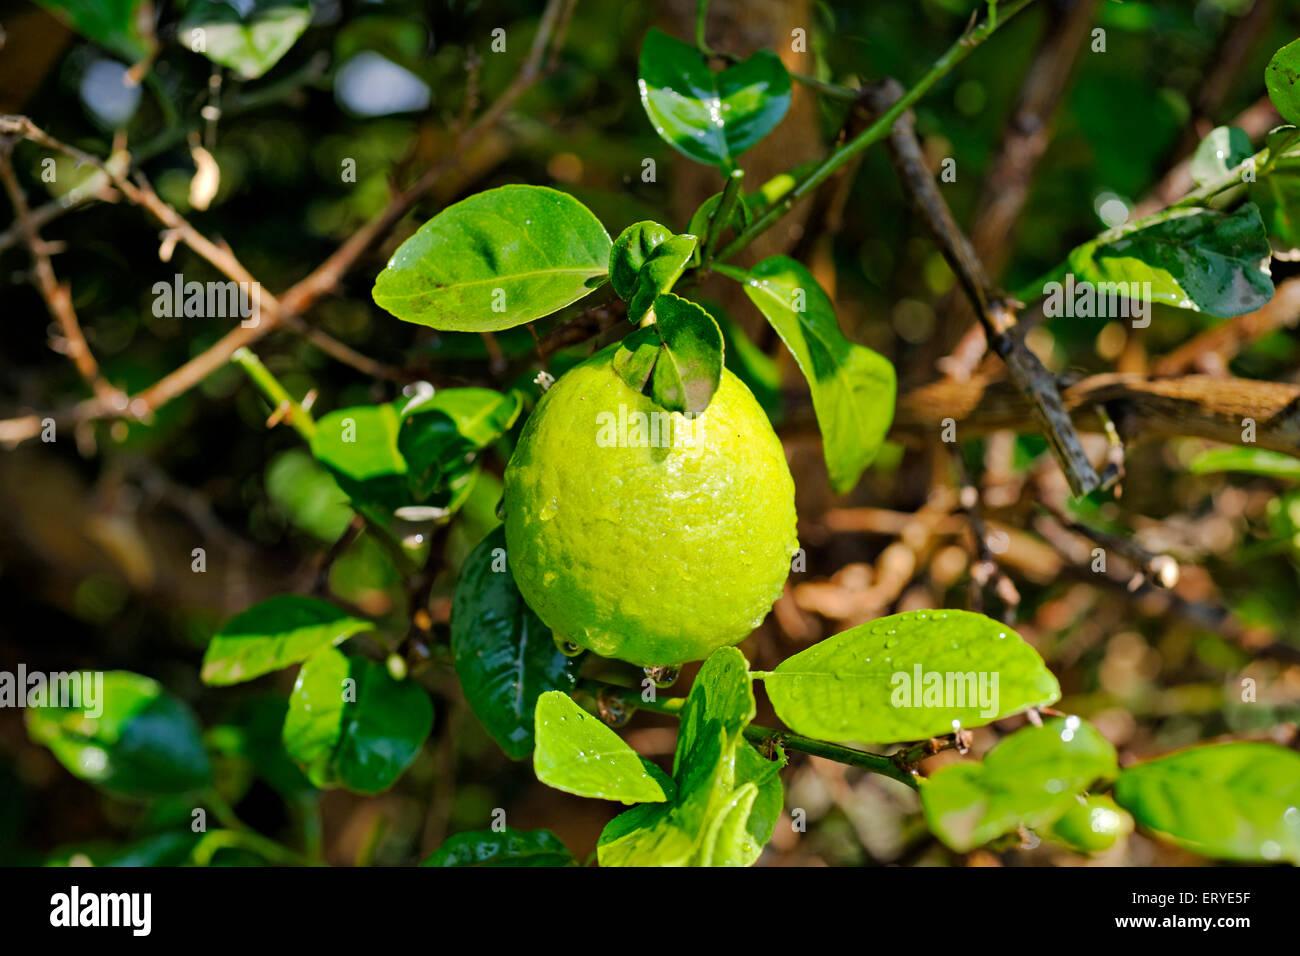 Lime-Zitronensauce Vitamin c; Zitronensaft und Zitronenschale Tang; Indien Stockbild